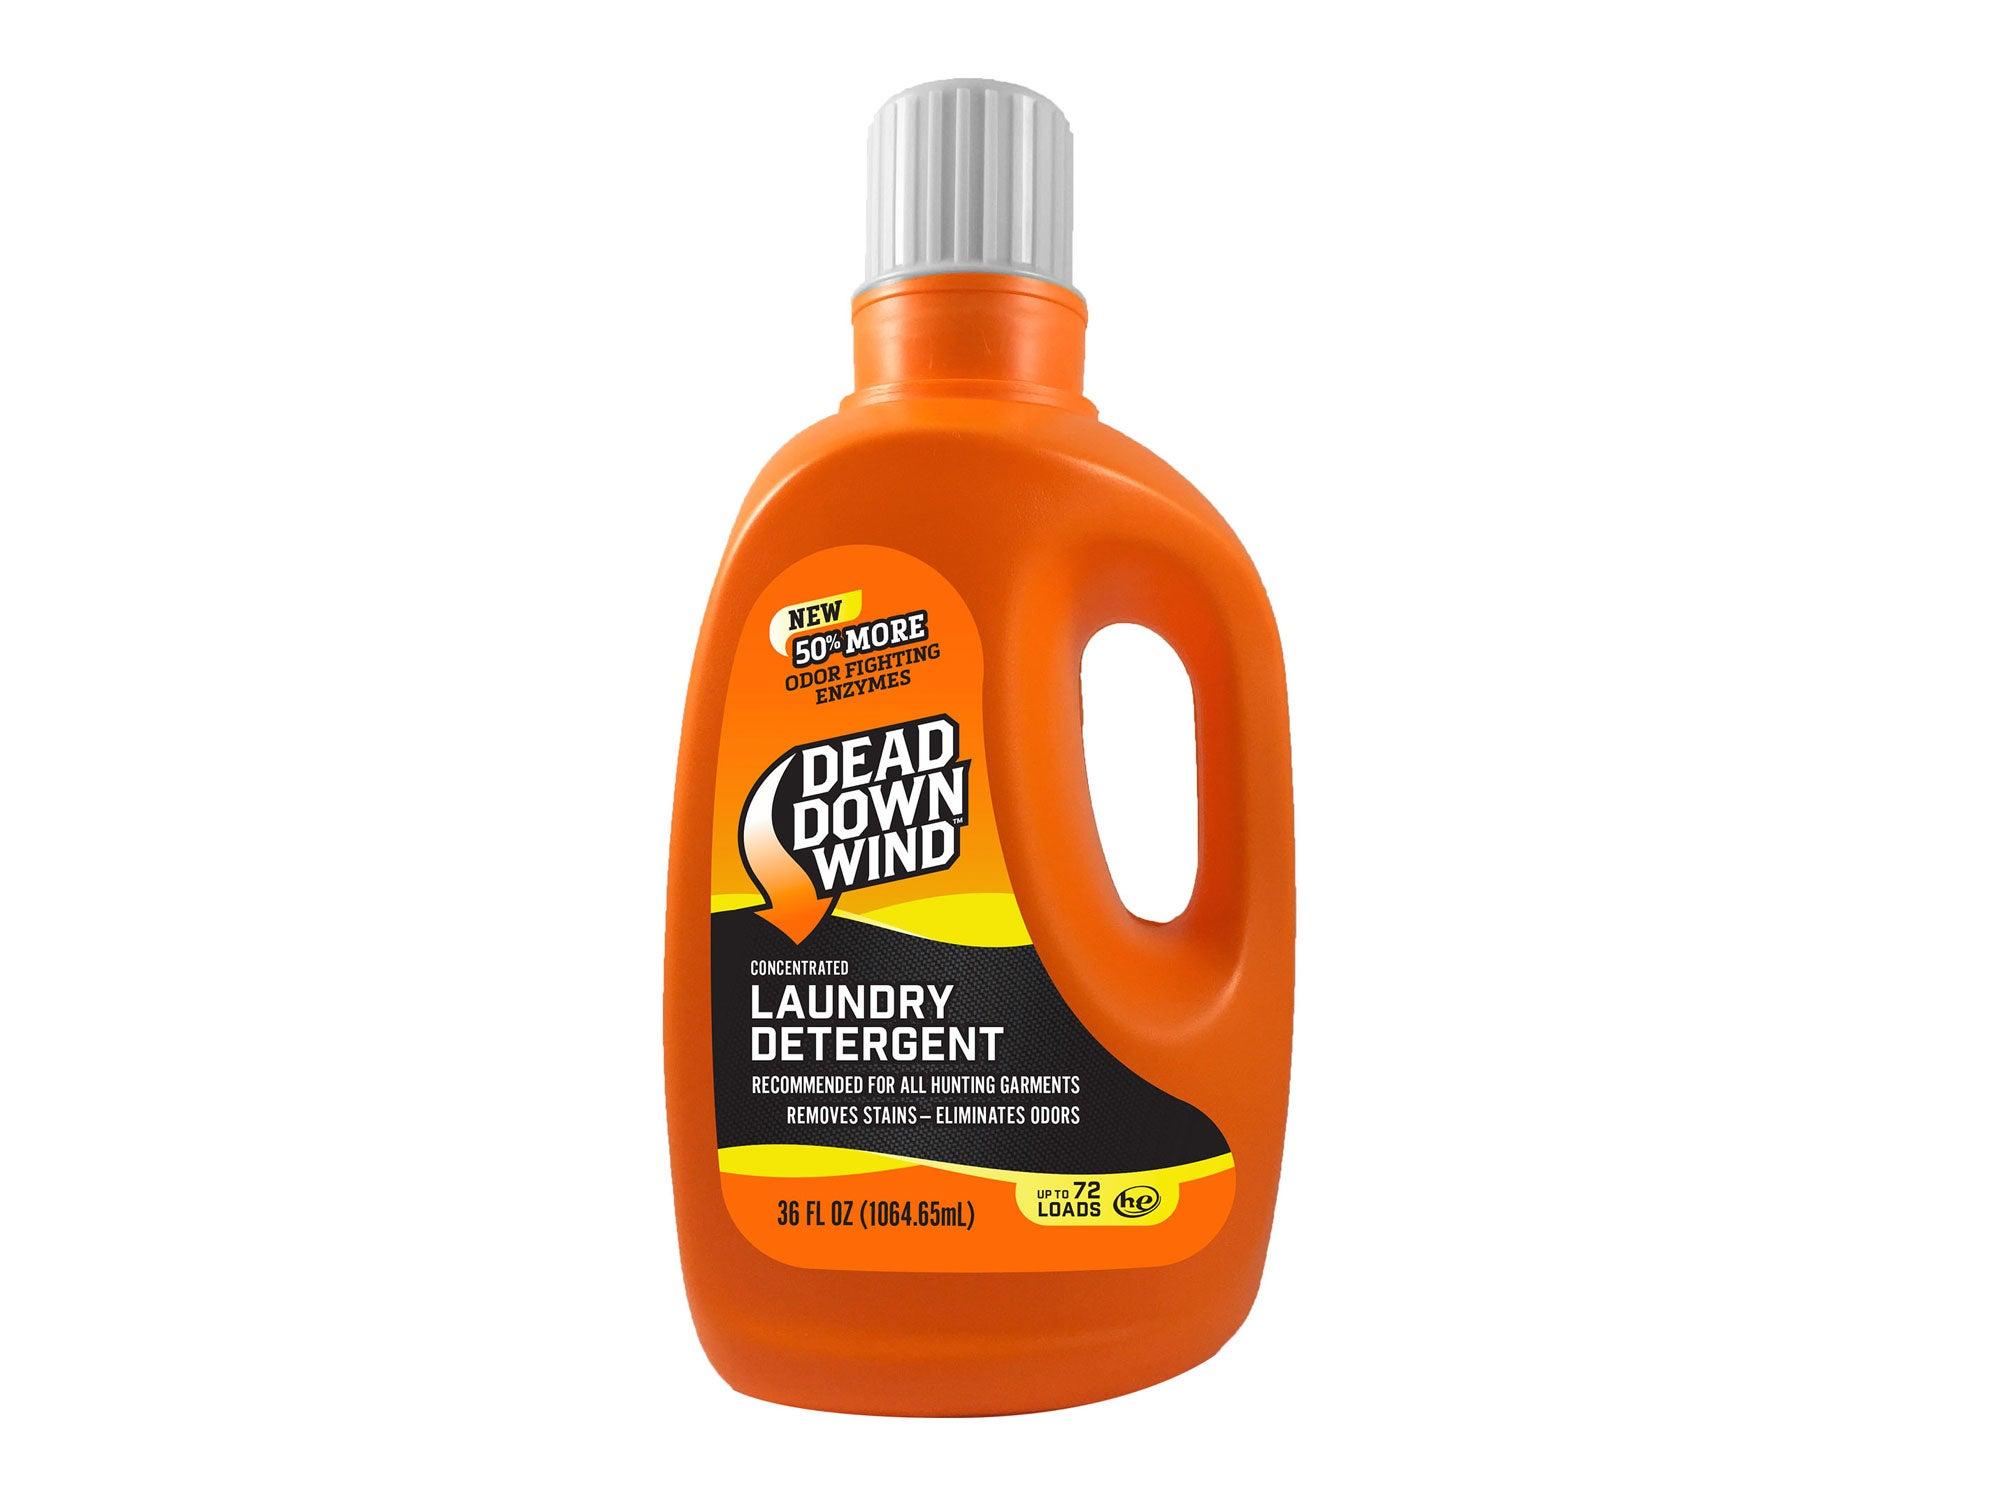 Dead Down Wind detergent